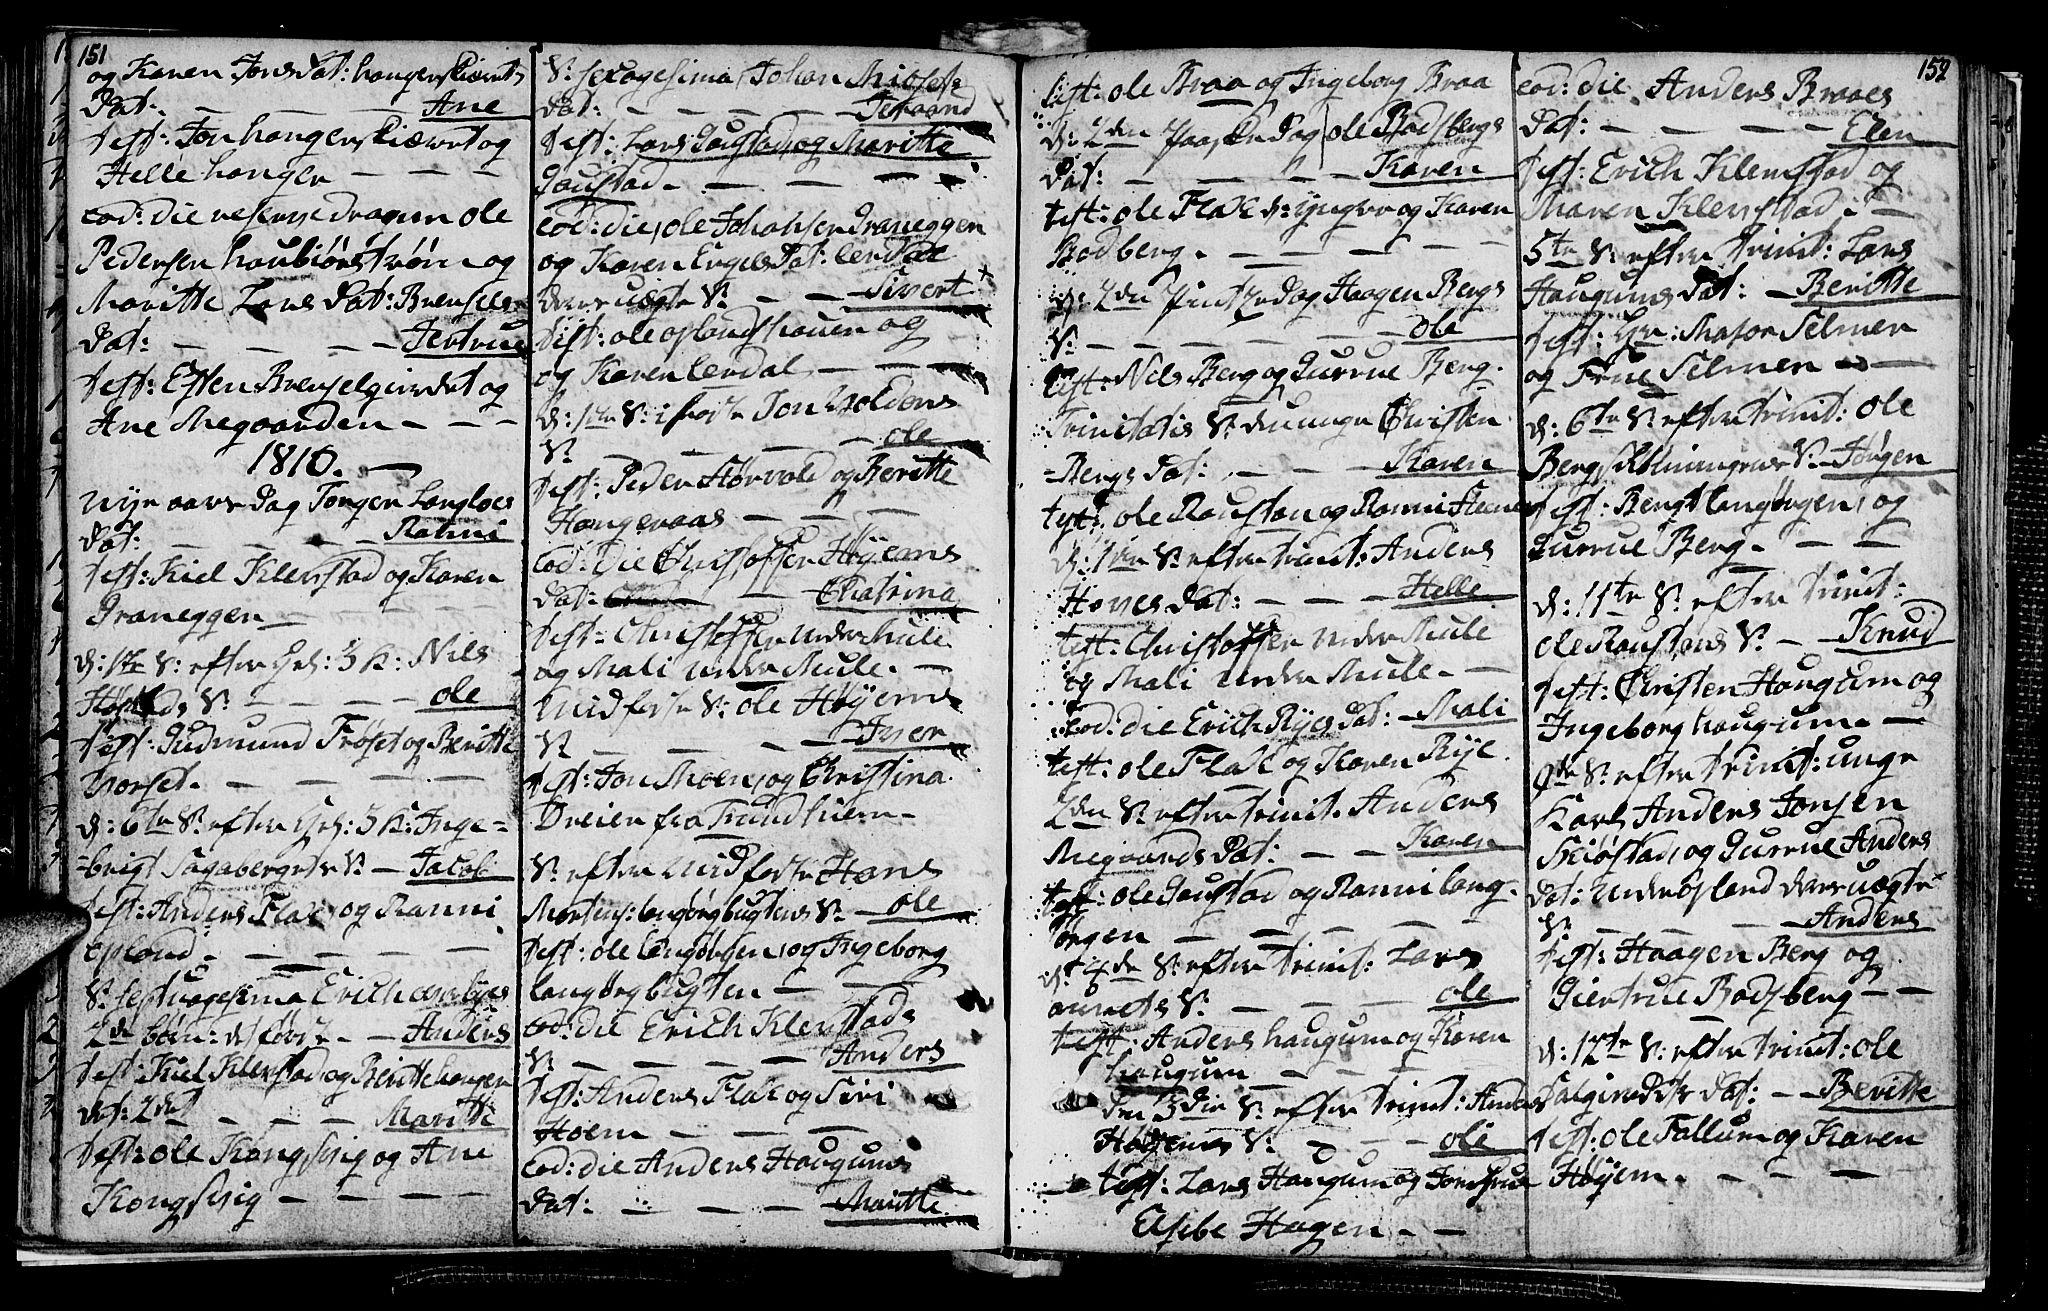 SAT, Ministerialprotokoller, klokkerbøker og fødselsregistre - Sør-Trøndelag, 612/L0371: Ministerialbok nr. 612A05, 1803-1816, s. 151-152